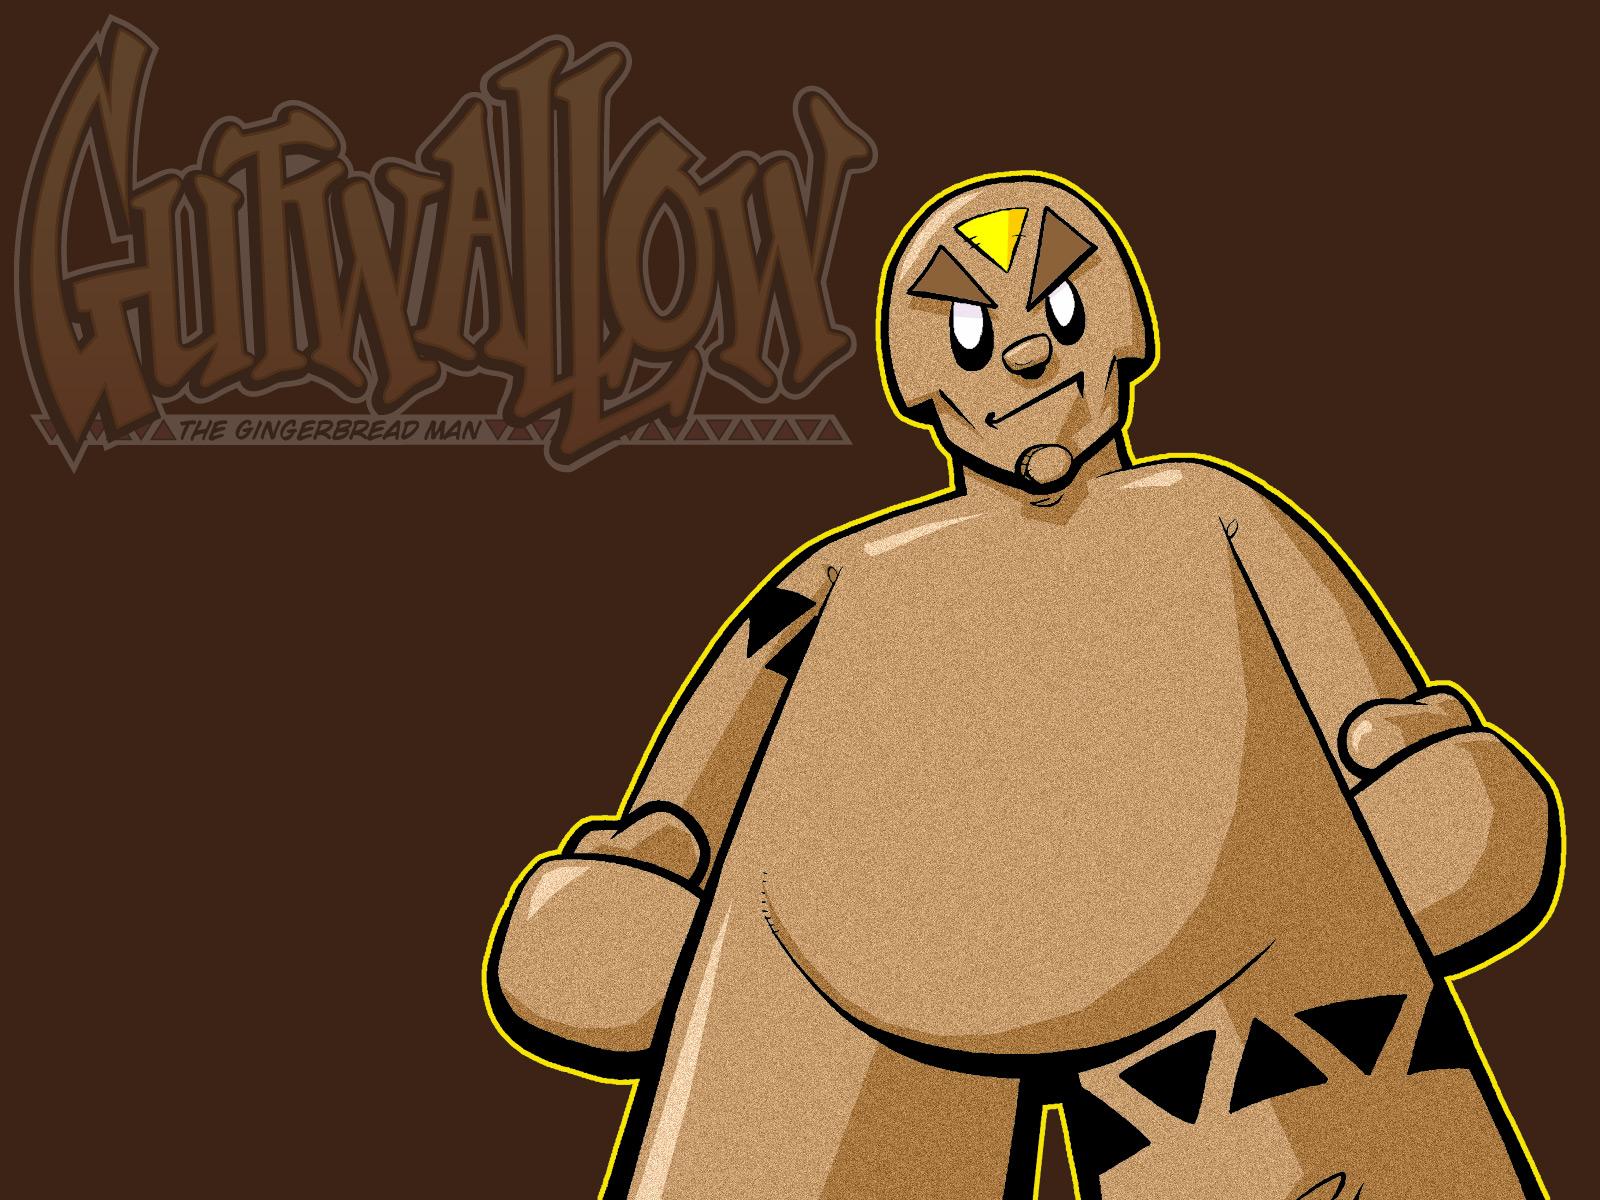 Gutwallow